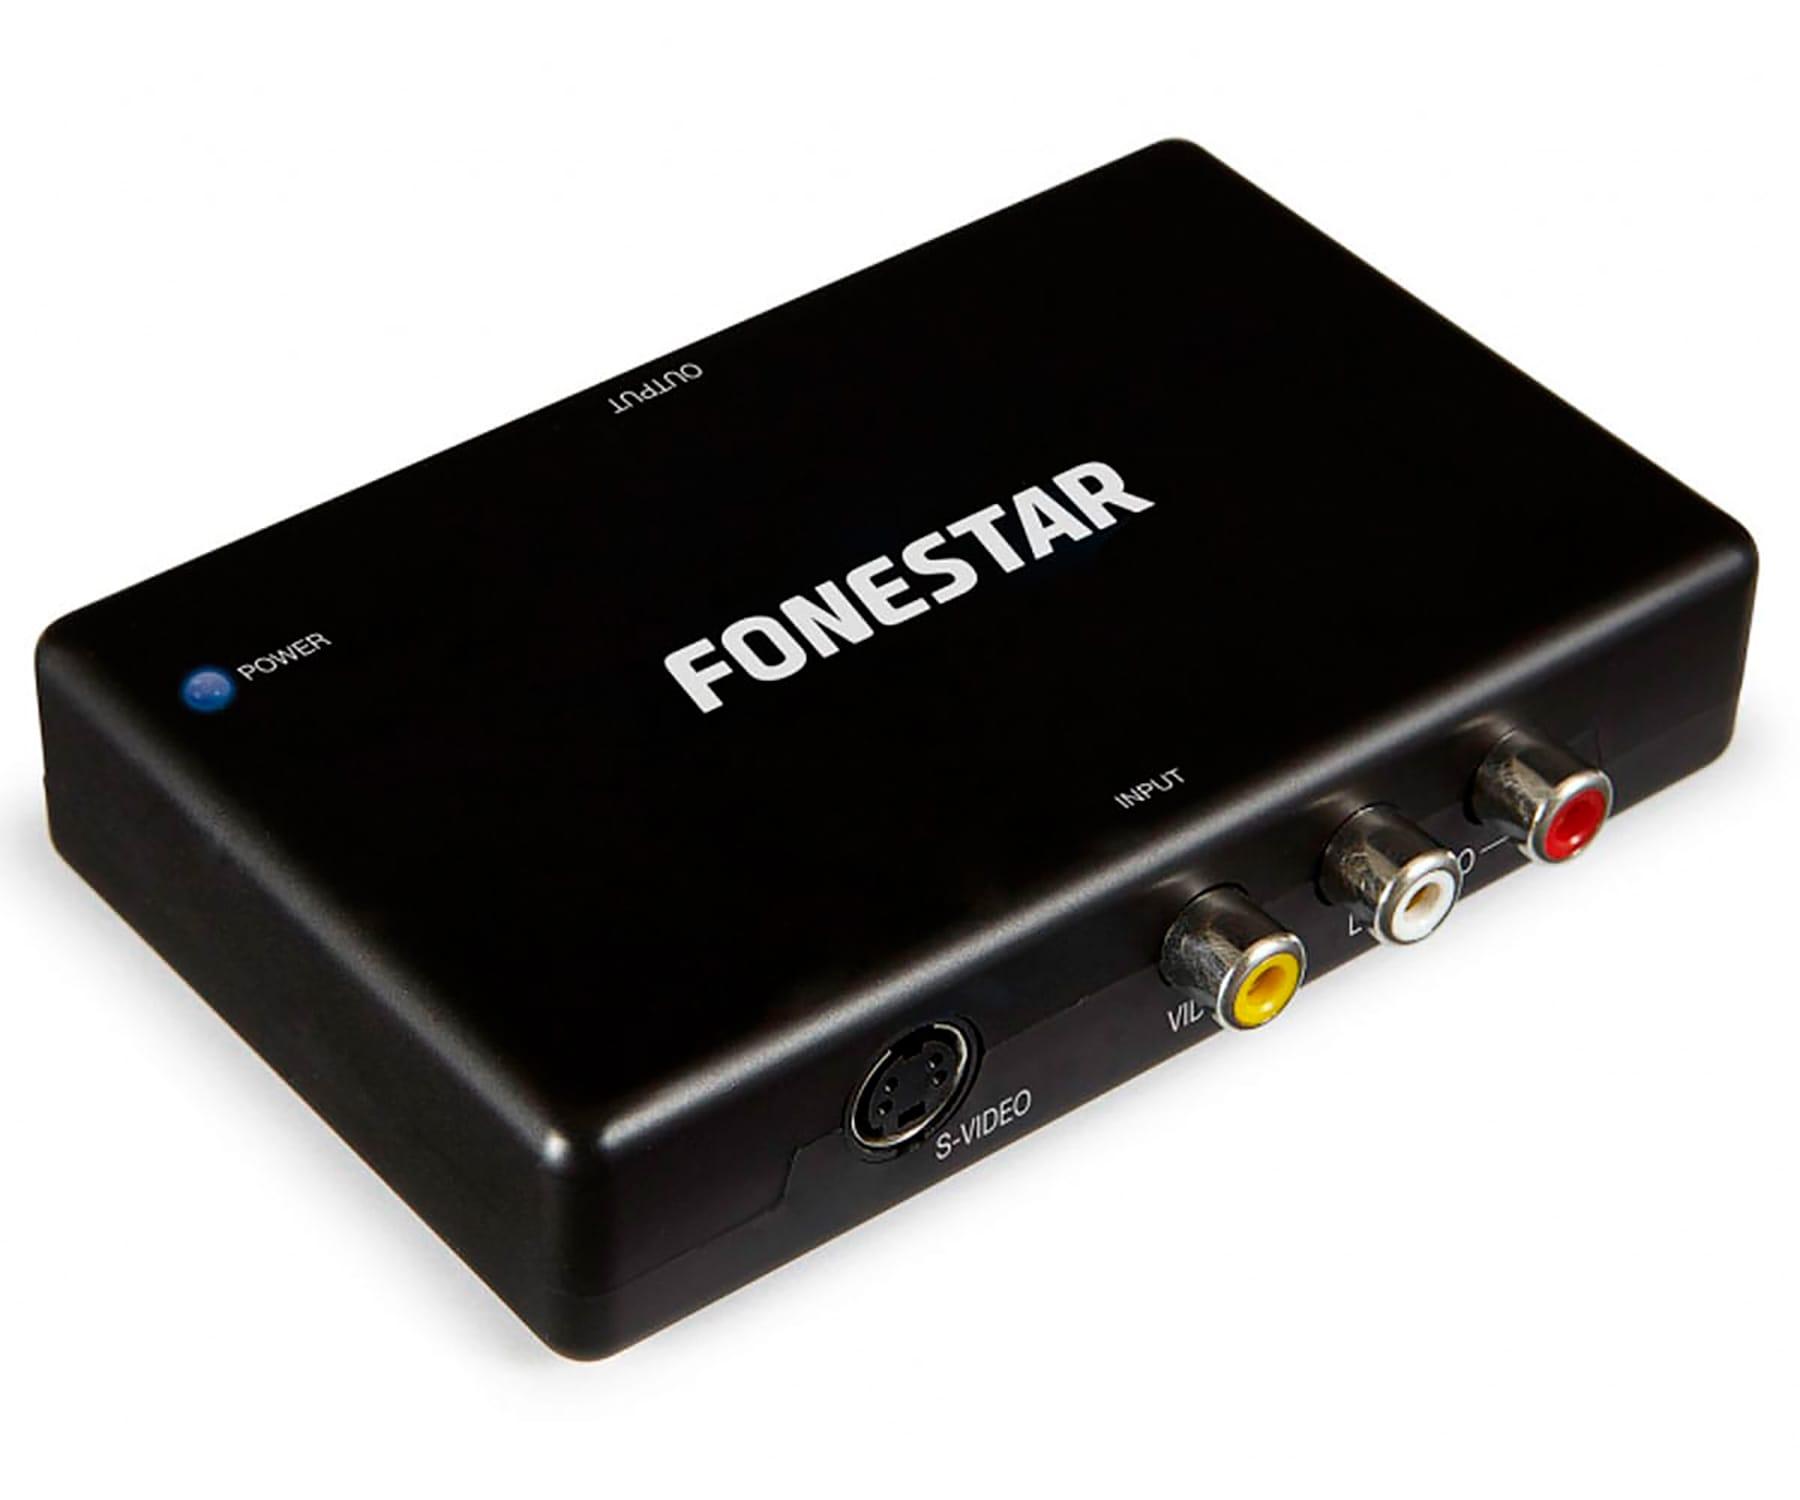 FONESTAR FO-40VH CONVERTIDOR DE RCA / S-VIDEO Y AUDIO A HDMI